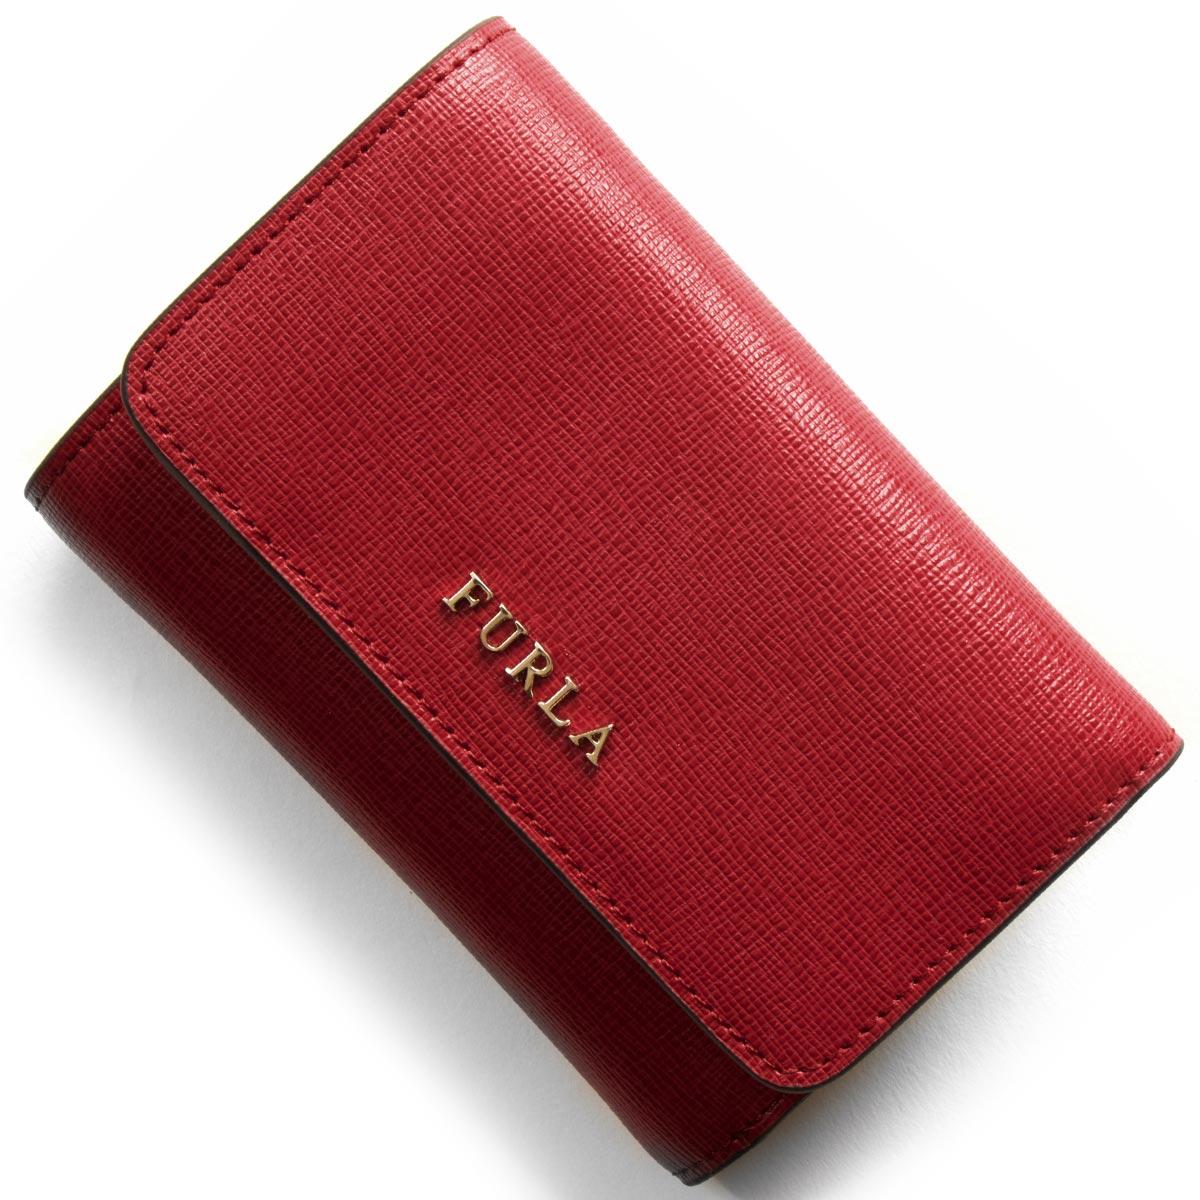 フルラ 三つ折り財布 財布 レディース バビロン BABYLON ルビーレッド PR76 B30 RUB 872819 FURLA